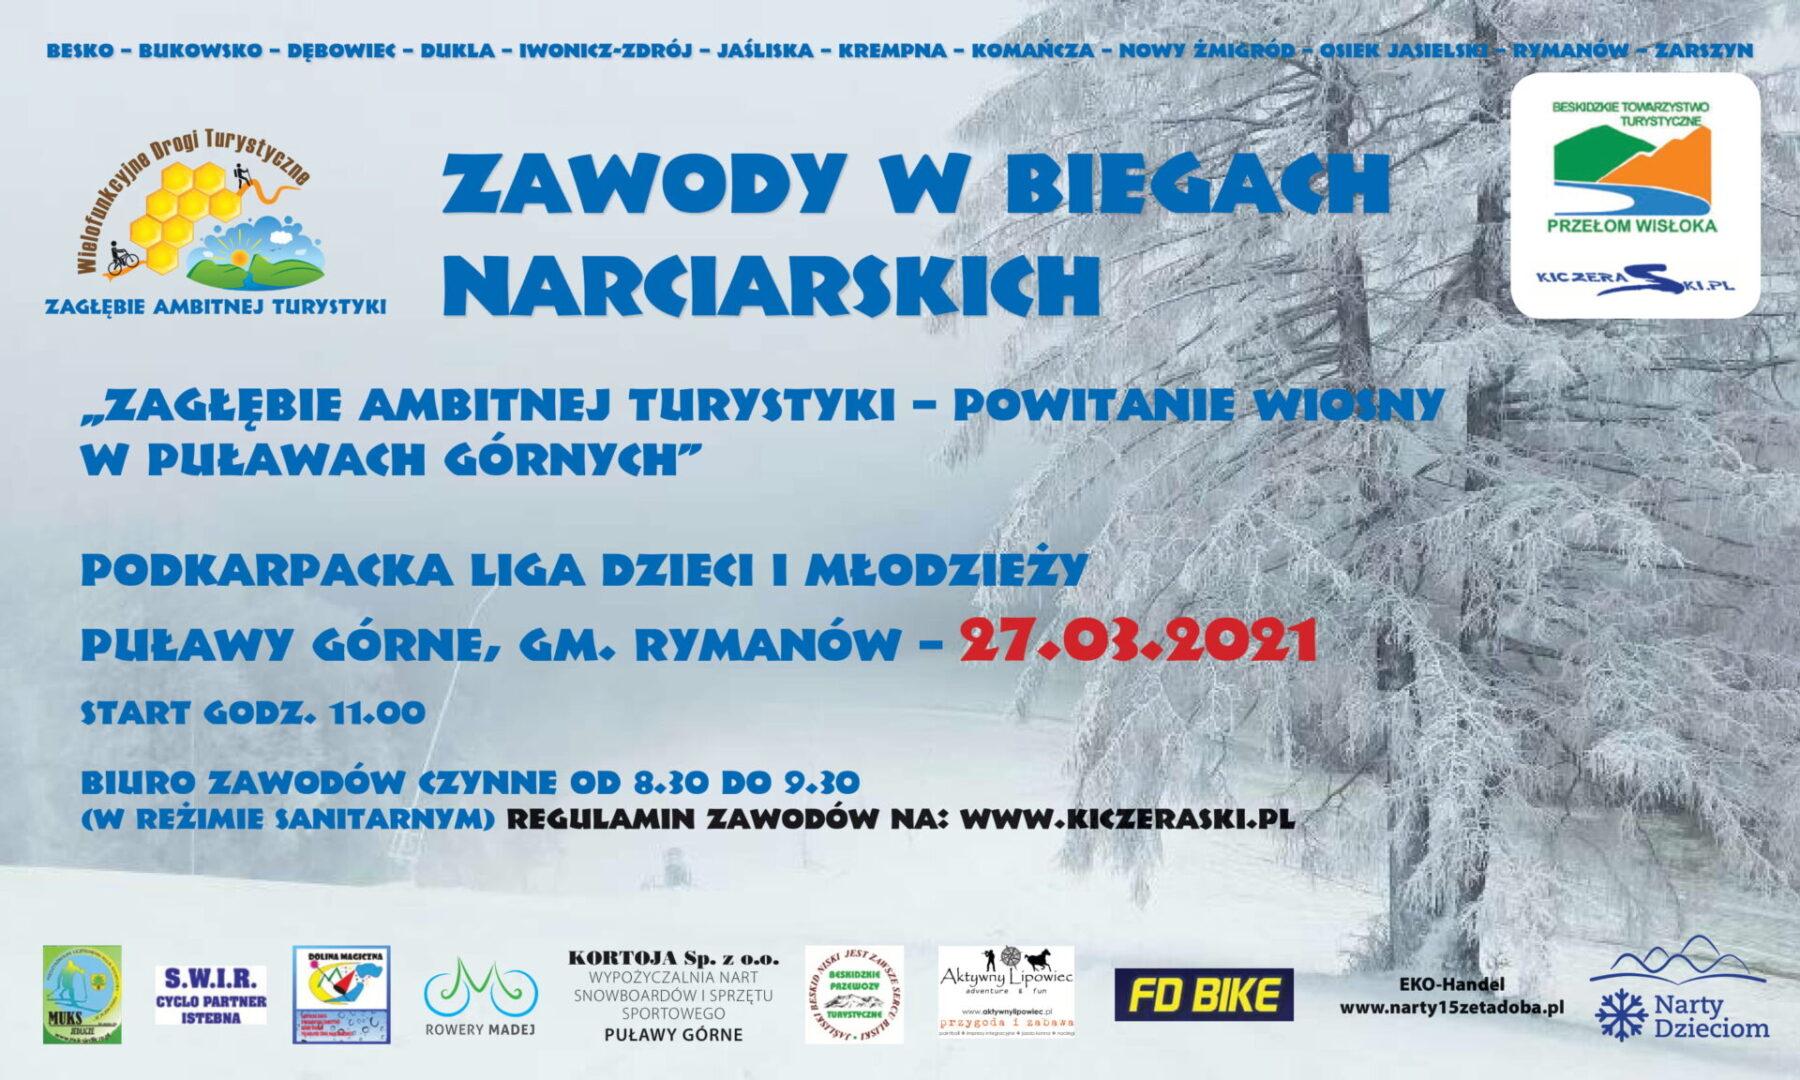 Zawody w biegach narciarskich w Puławach Górnych.